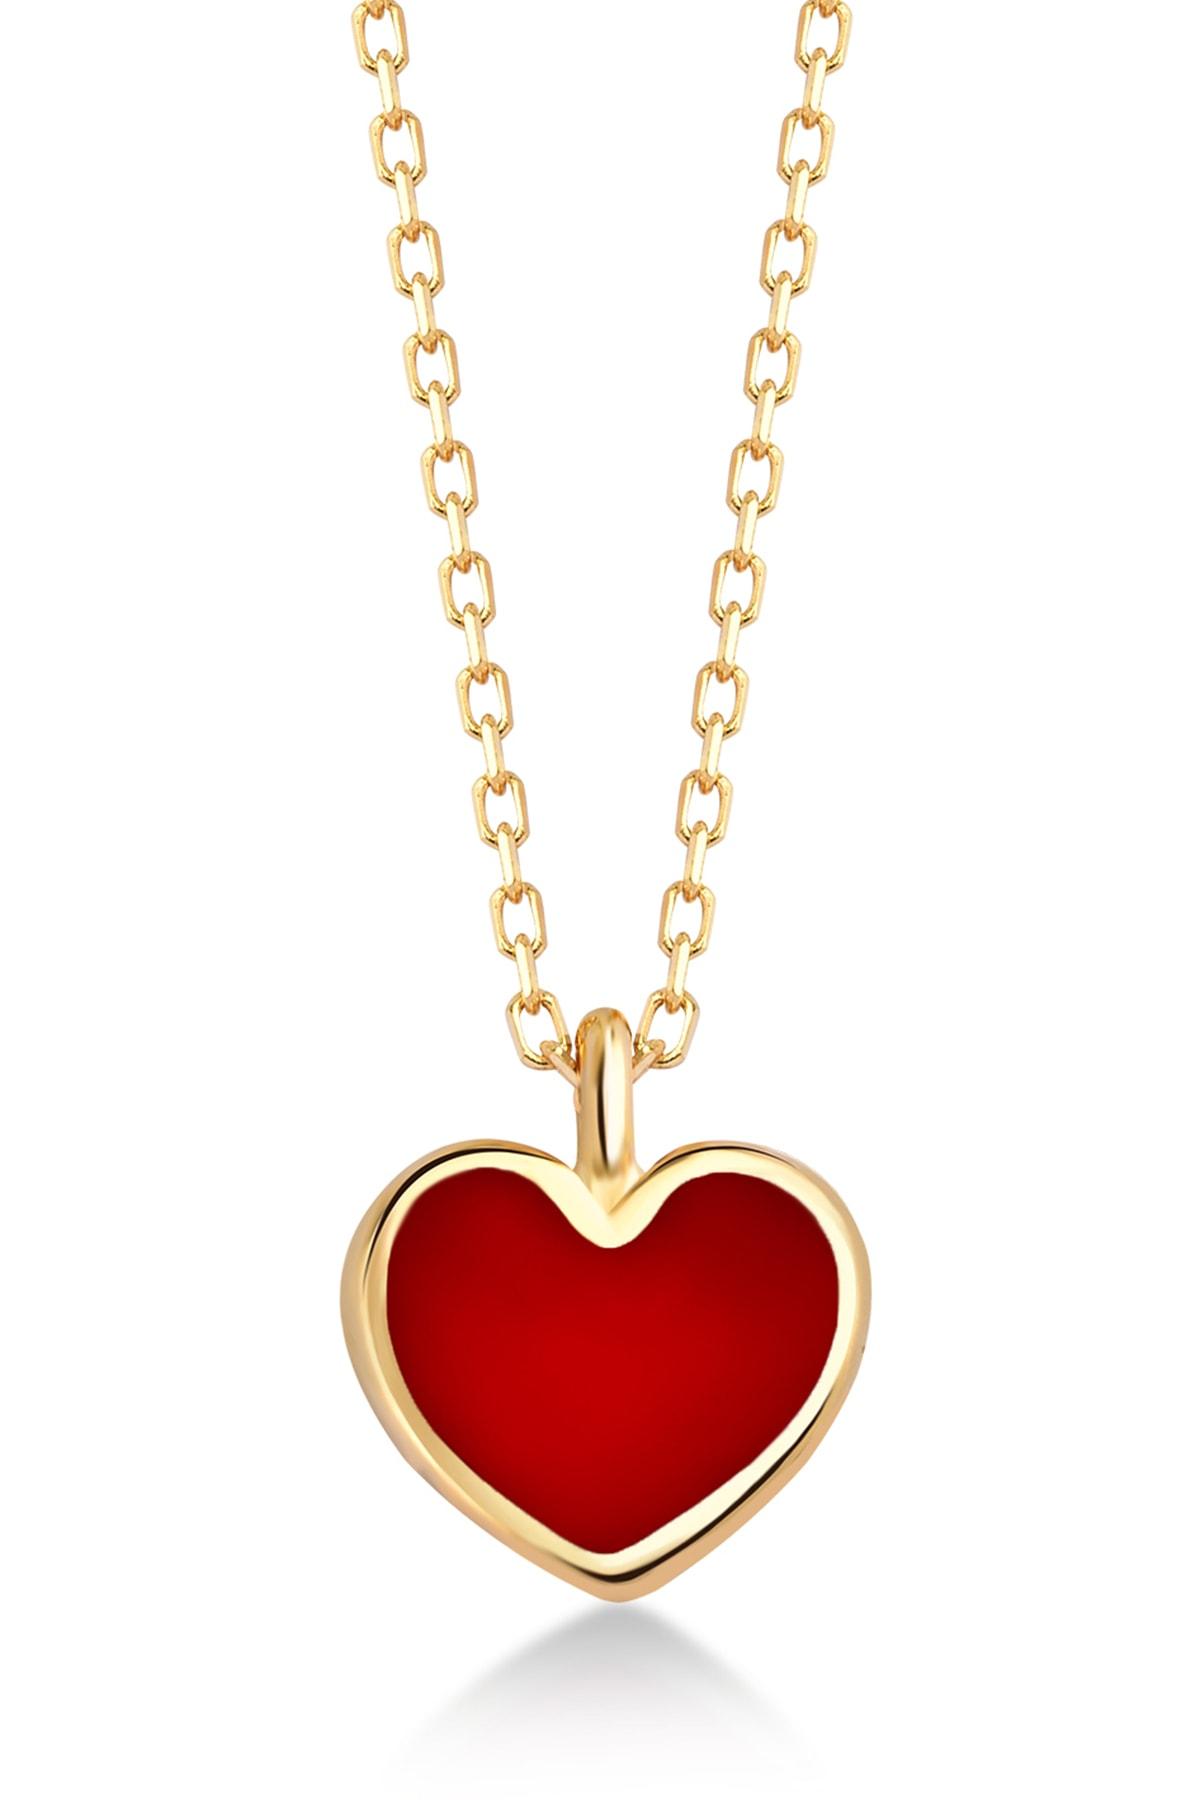 Gelin Pırlanta 14 Ayar Altın Mini Kırmızı Kalp Kolye 1